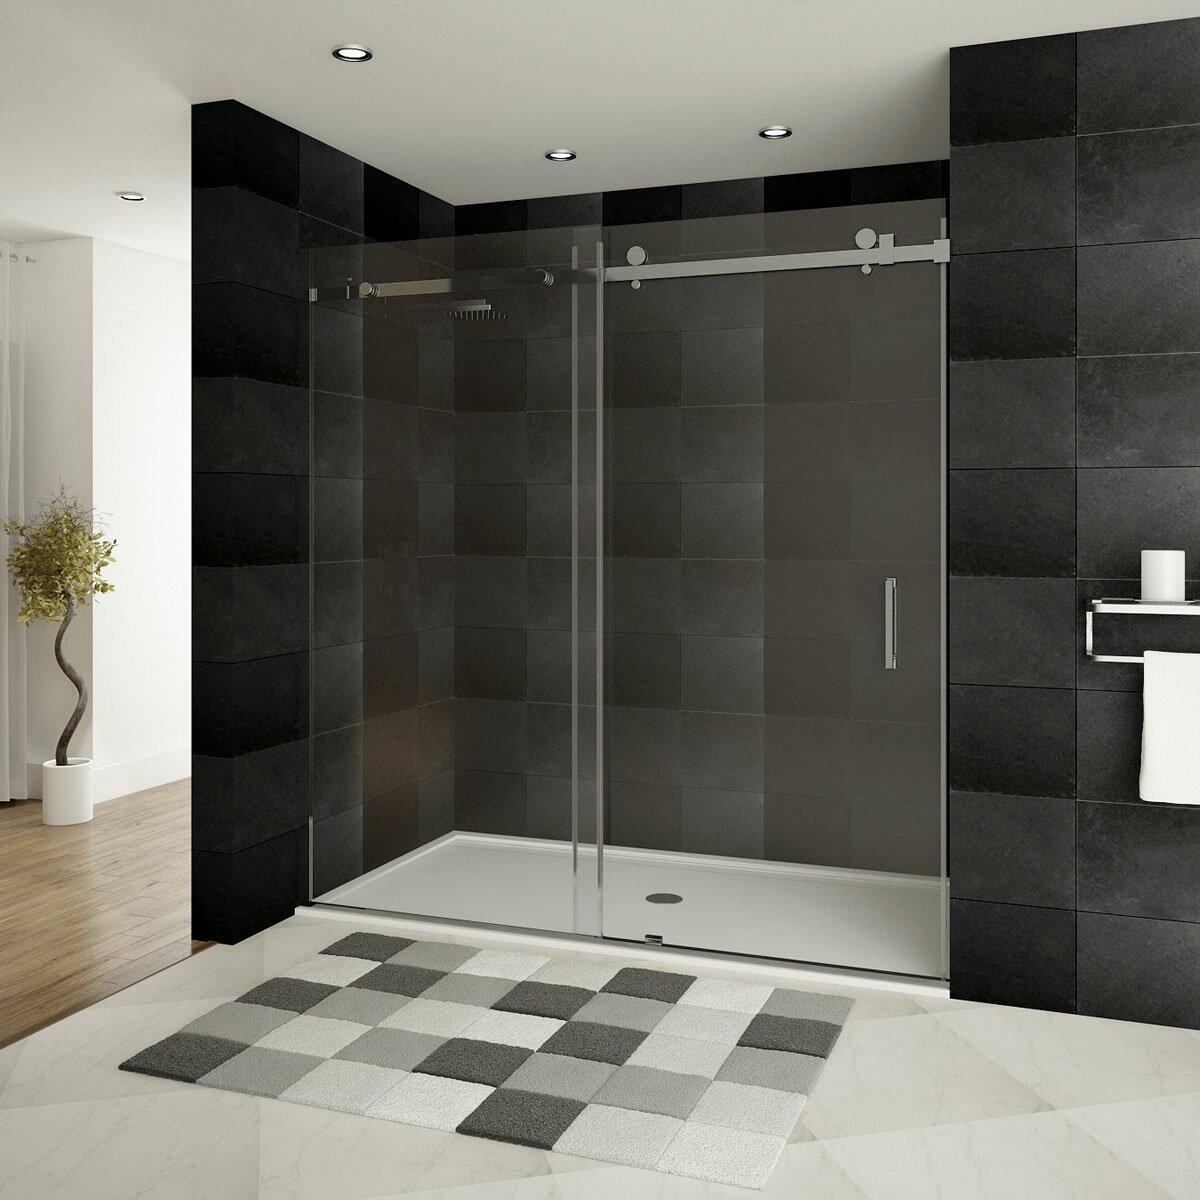 Lesscare ultra b 60 39 39 x 76 39 39 single sliding shower door for Single sliding glass door